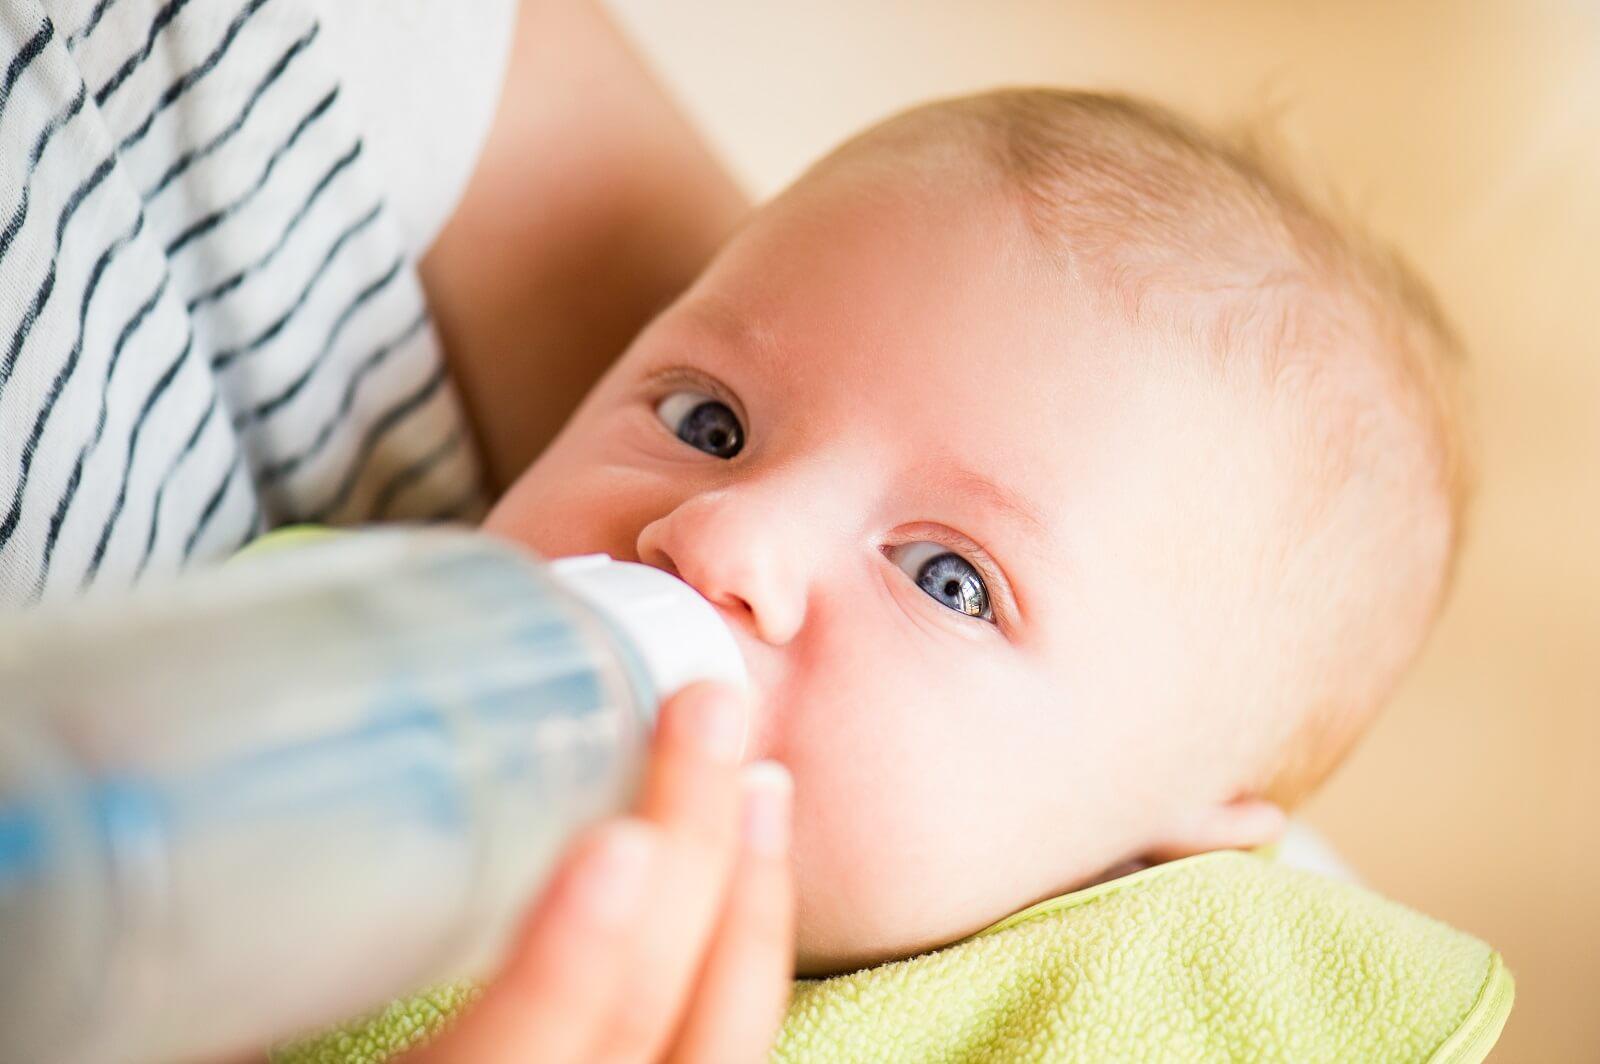 niemowlę ulewa wodą